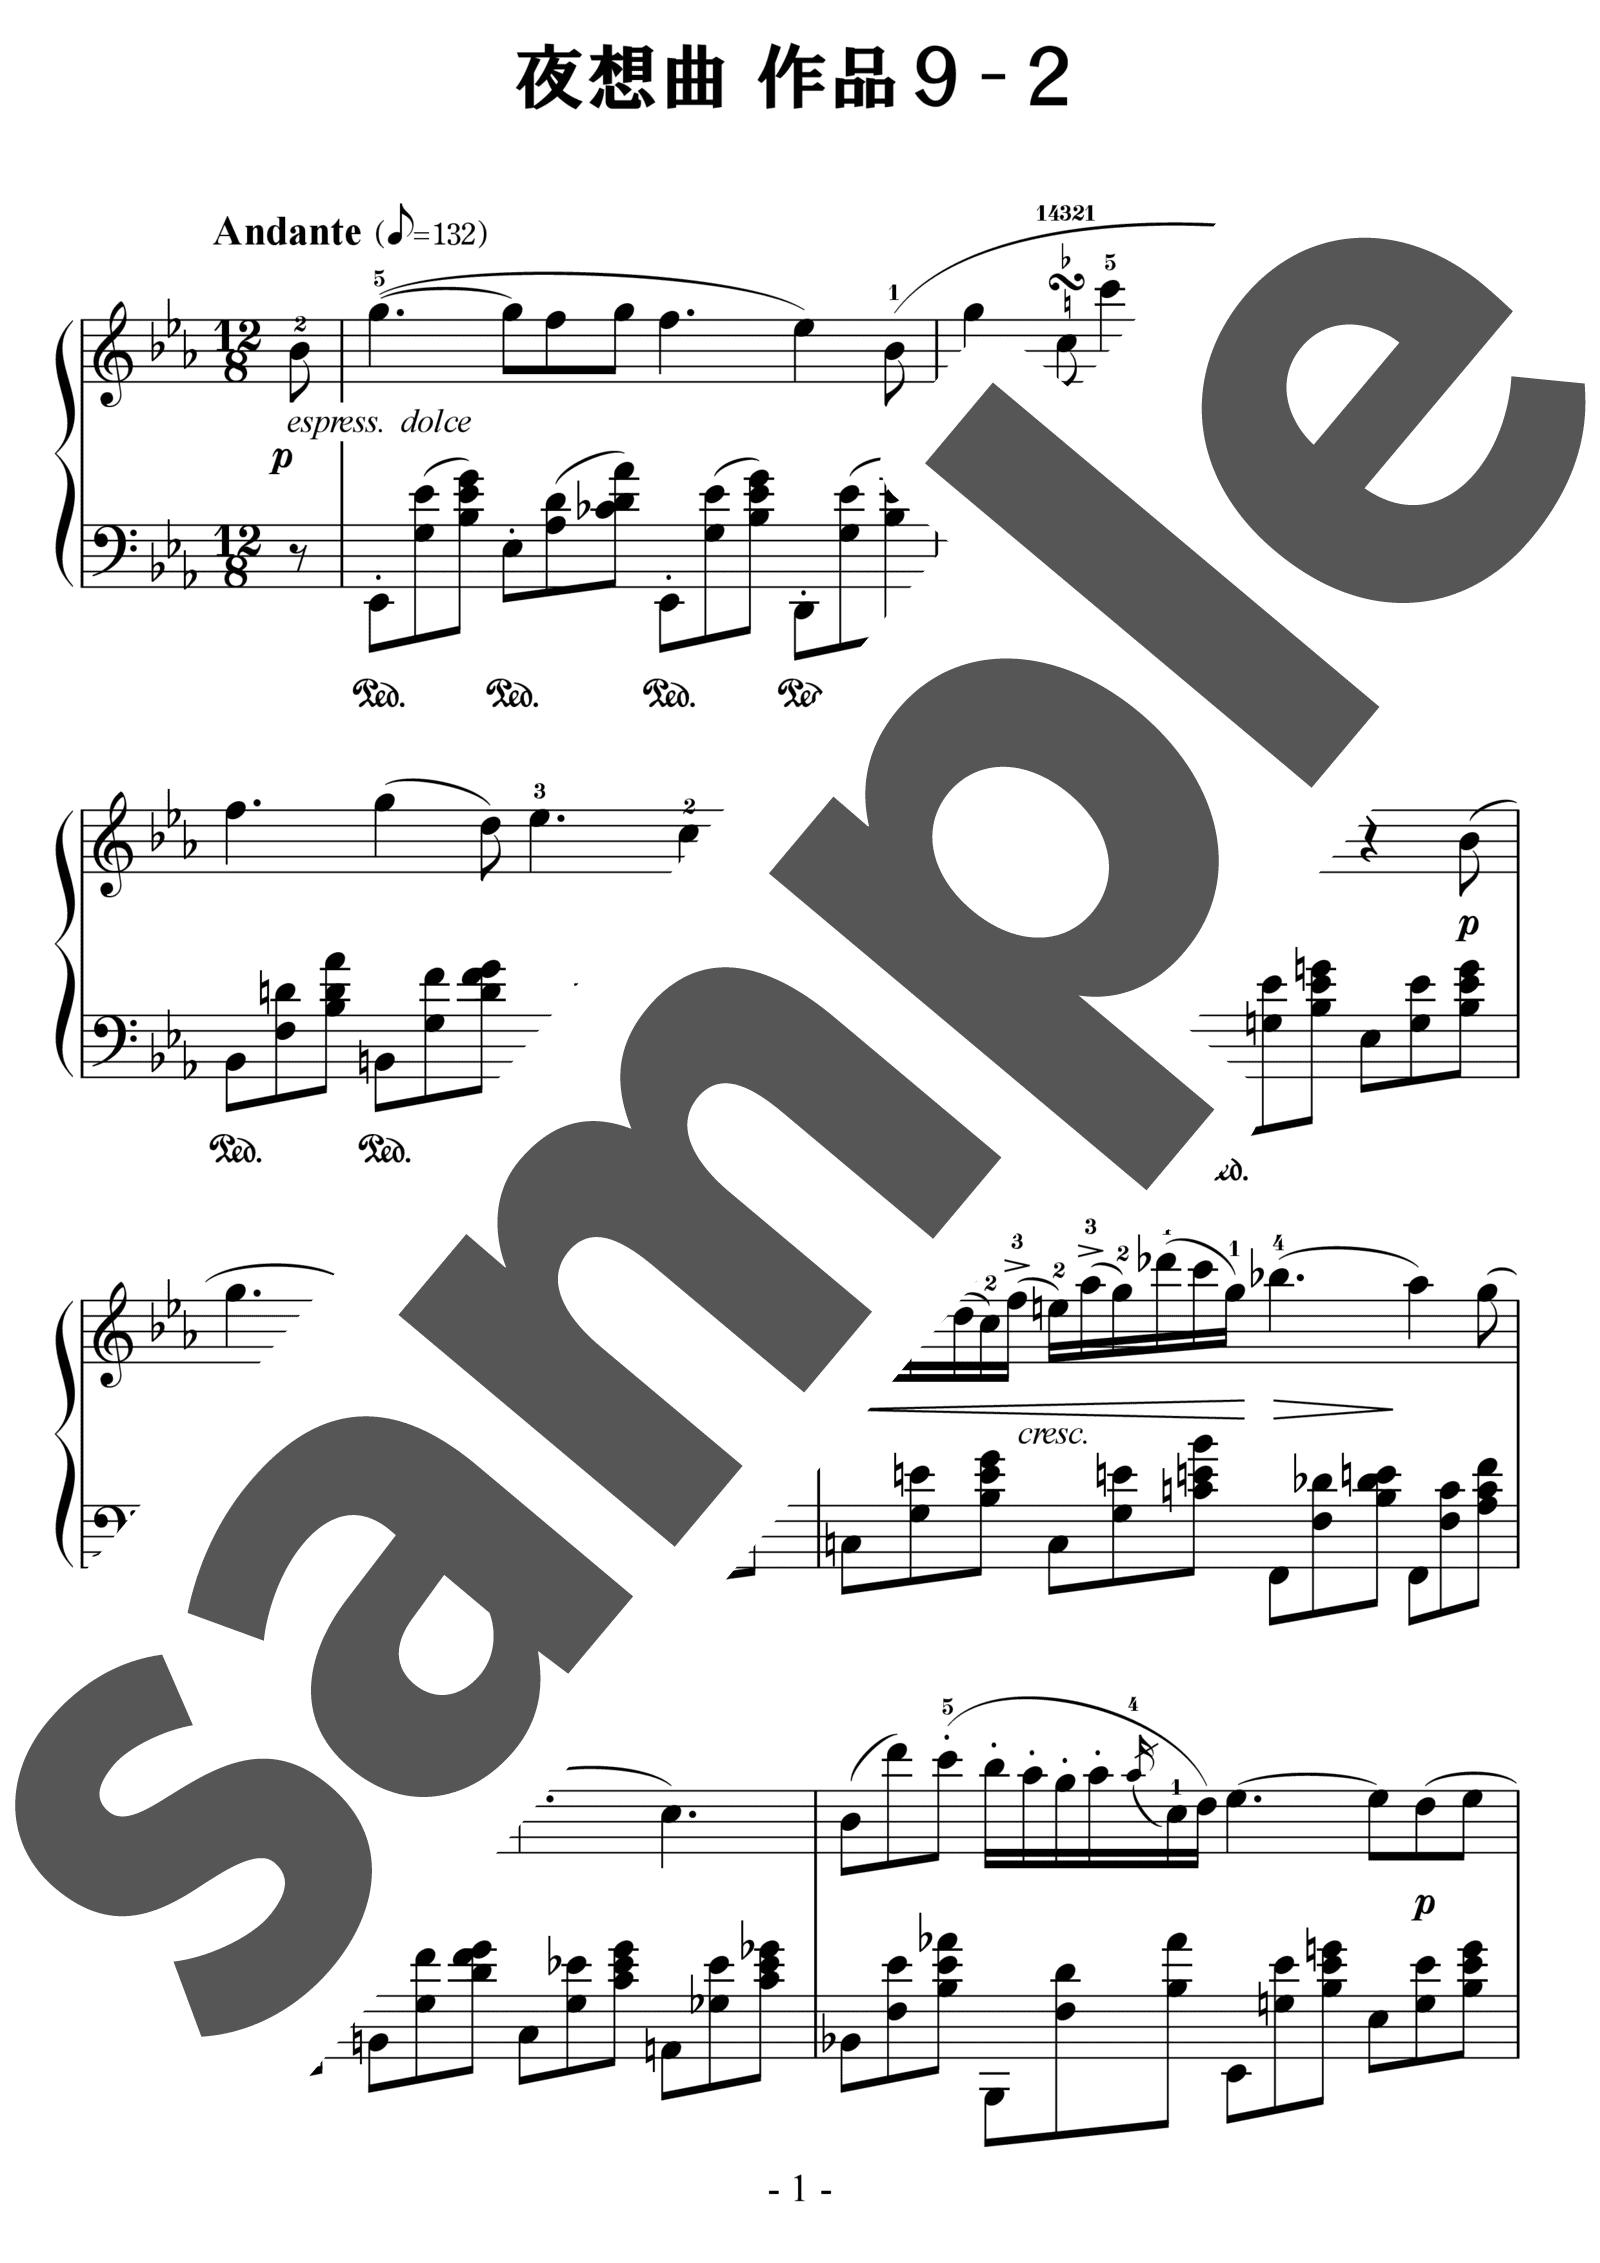 「ノクターン(夜想曲 作品9-2)」のサンプル楽譜